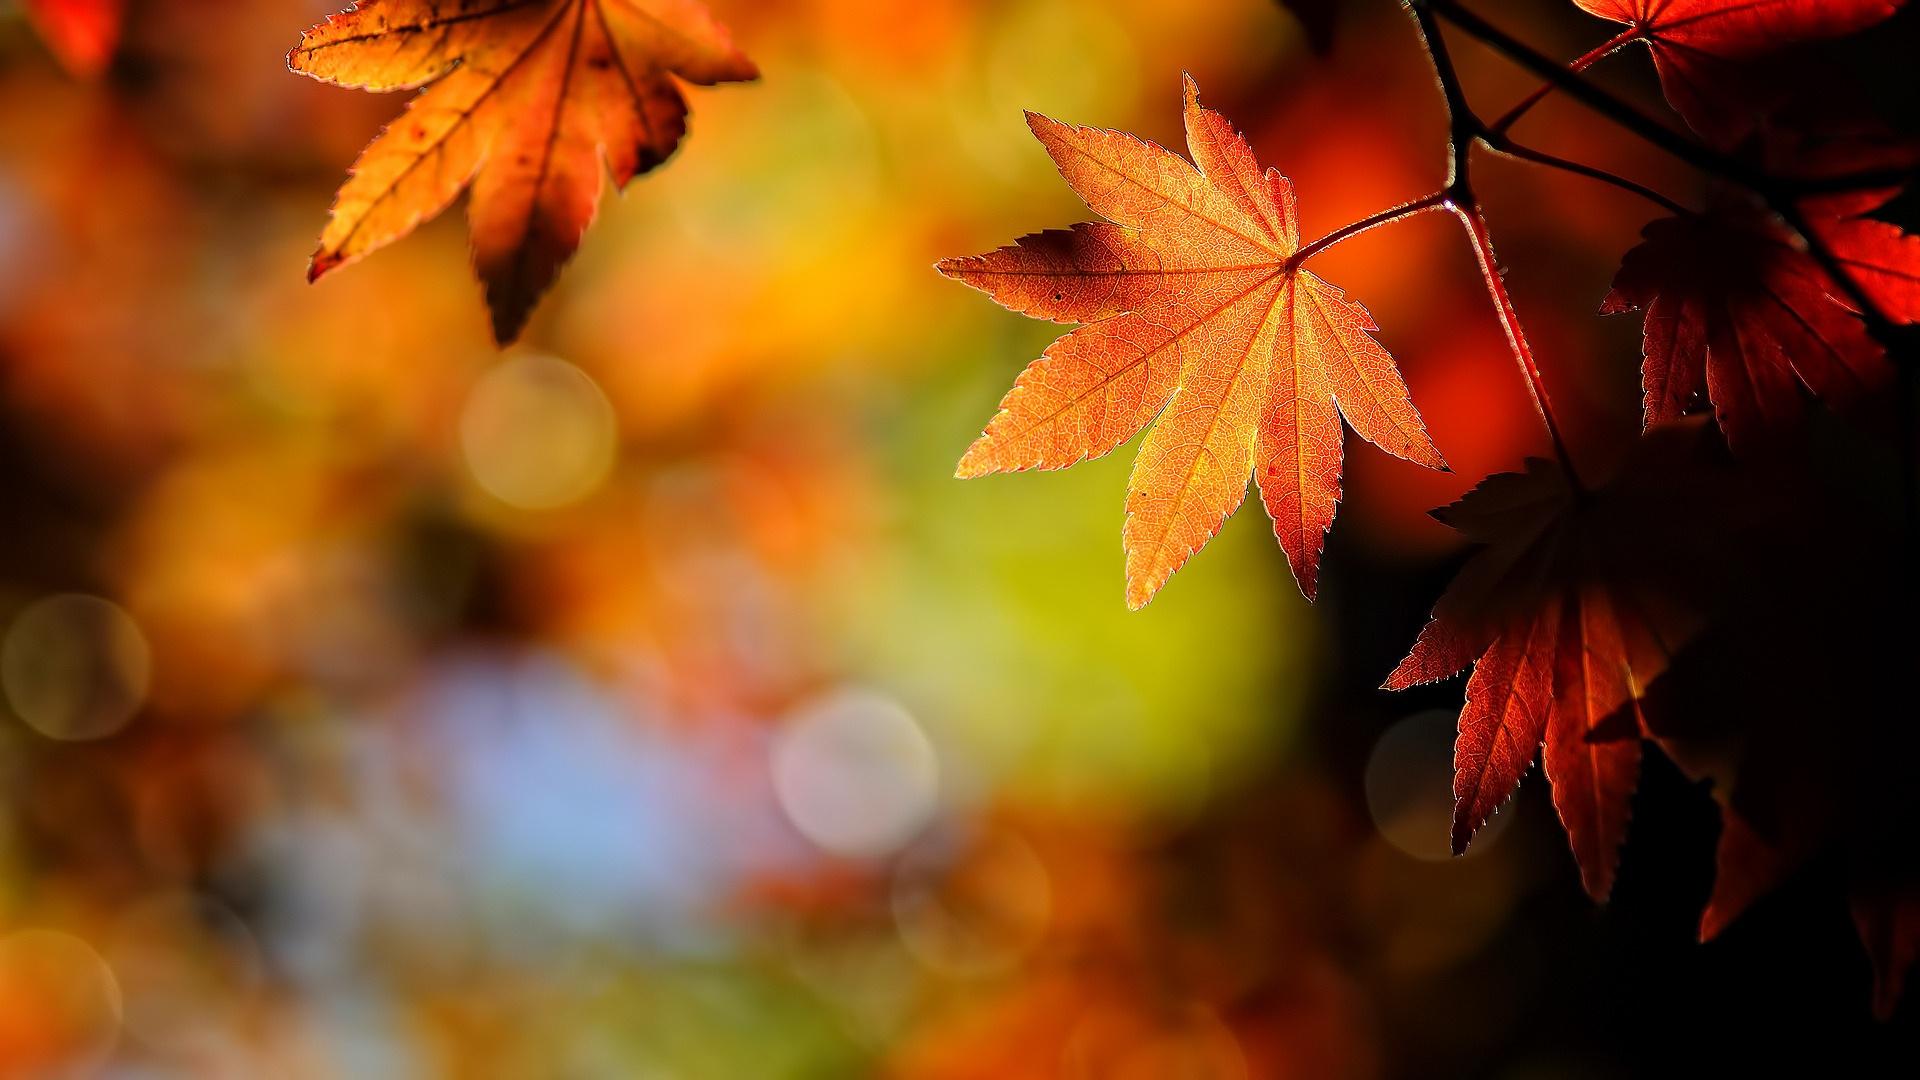 壁紙 秋は 自然の葉 19x1080 Full Hd 2k 無料のデスクトップの背景 画像